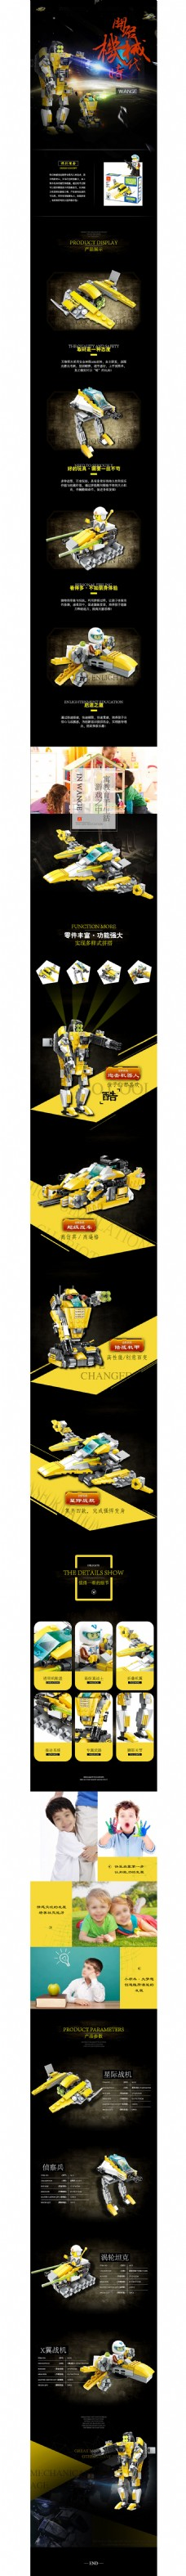 淘宝玩具变形金刚机器人积木详情页